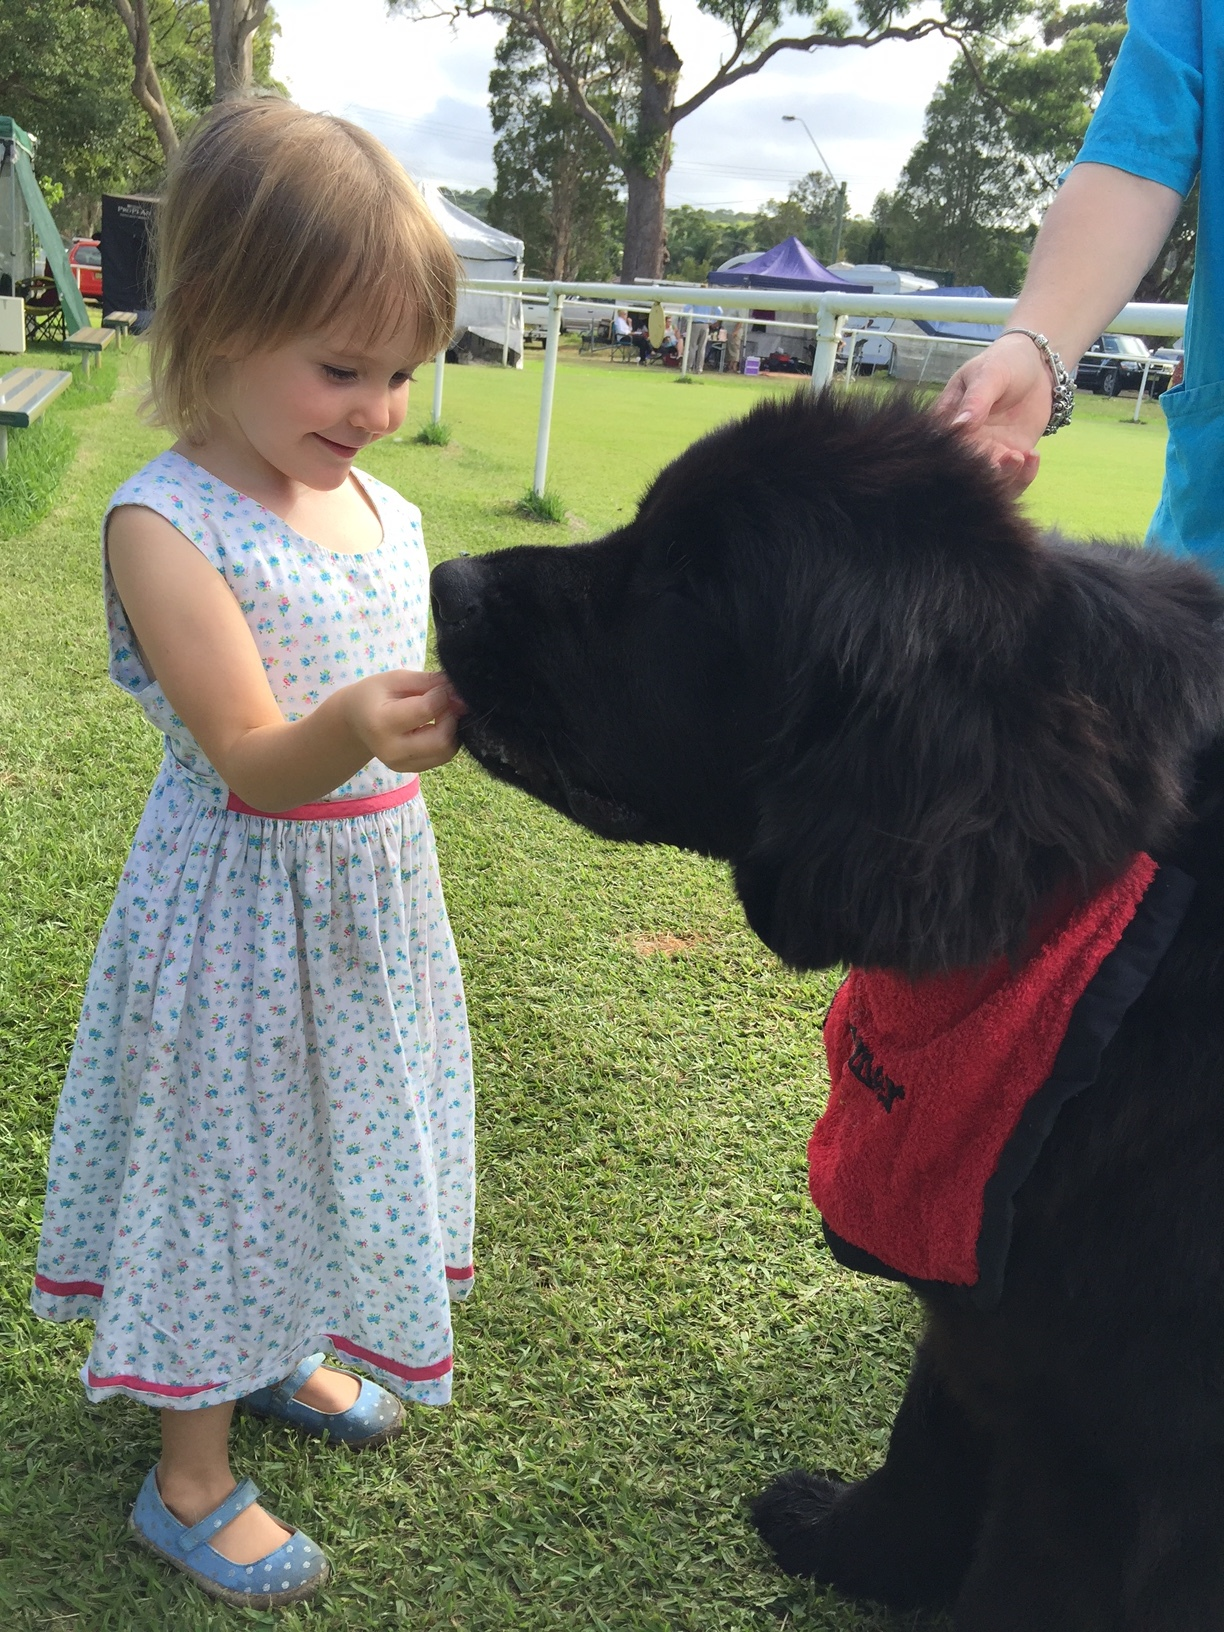 Newfoundland Dog great with kids